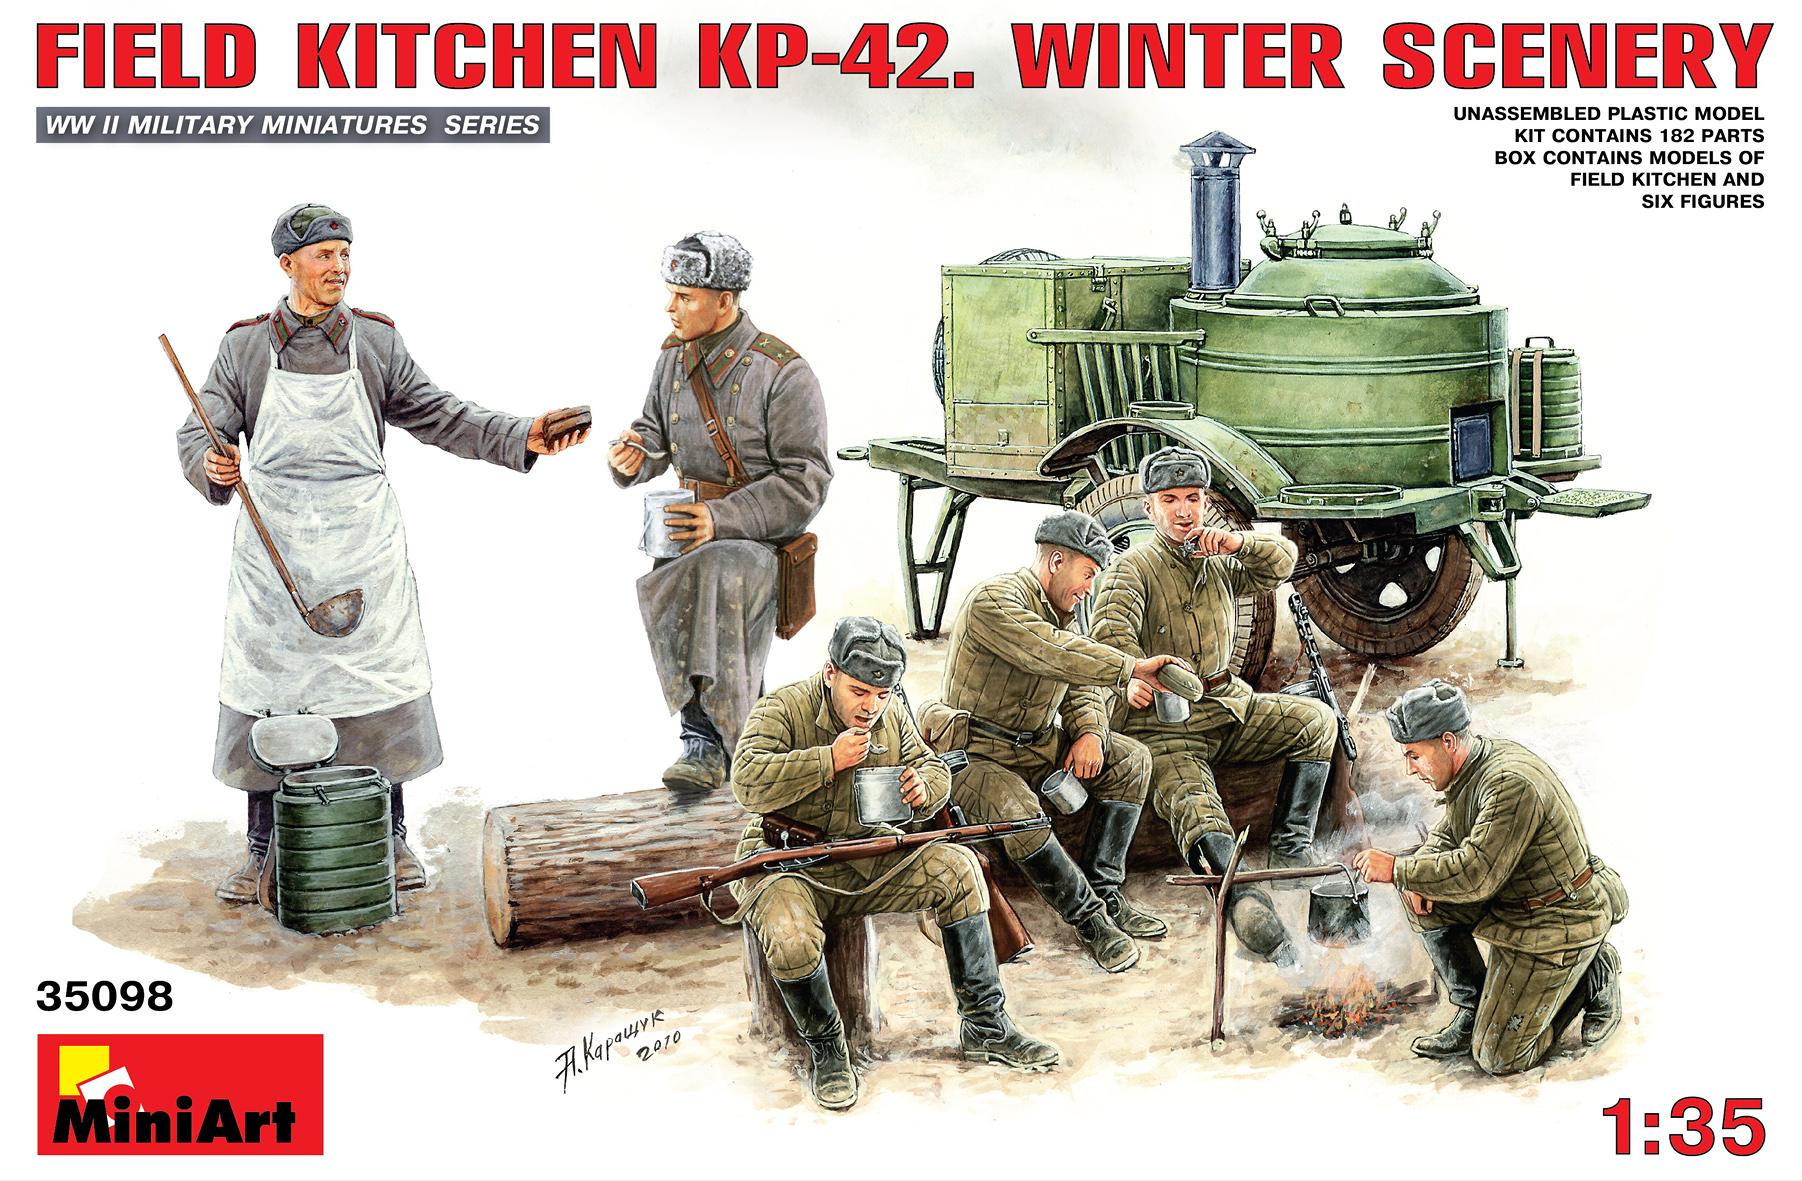 35098 FELDKÜCHE KP-42. WINTER-LANDSCHAFT